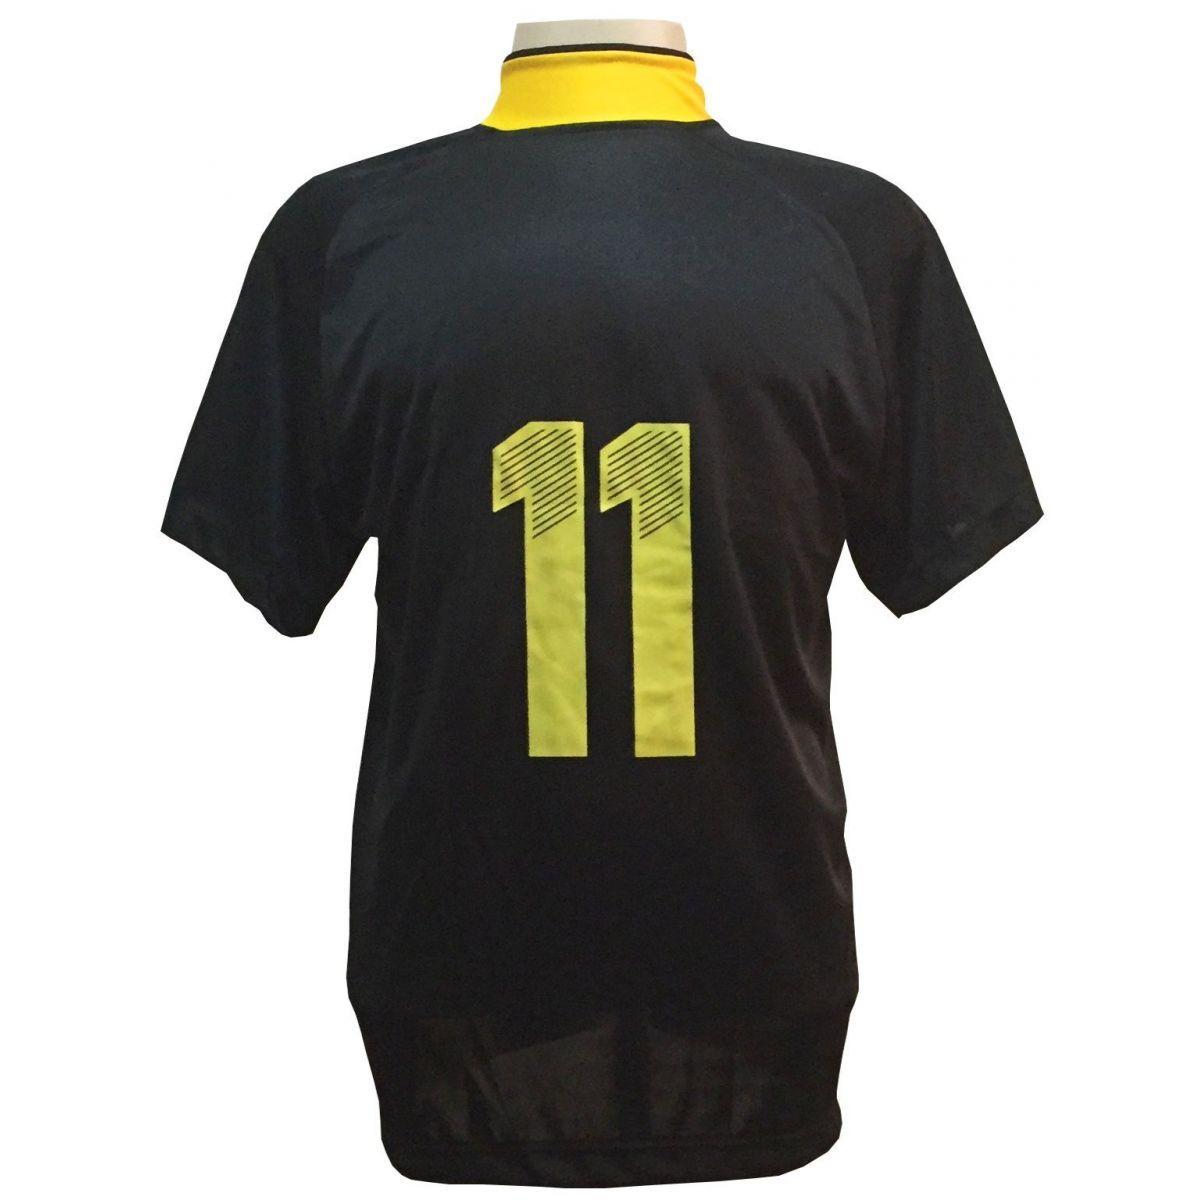 Jogo de Camisa com 12 unidades modelo Milan Preto/Amarelo + 1 Camisa de Goleiro